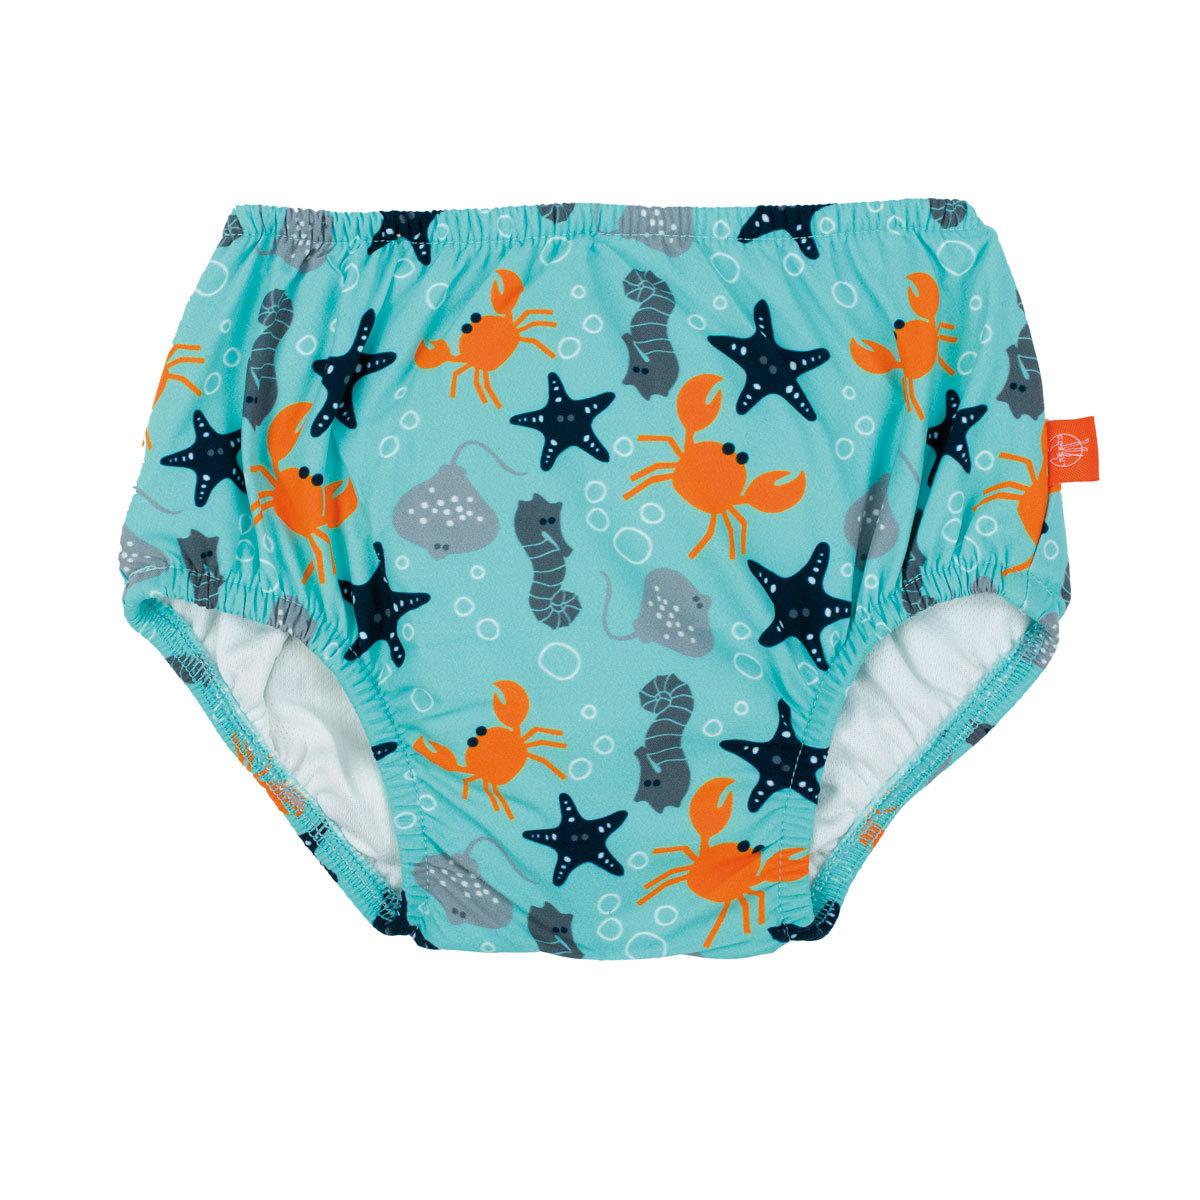 L ssig couche maillot de bain etoile de mer 6 mois accessoires b b l ssig sur l 39 armoire - Maillot de bain couche bebe ...